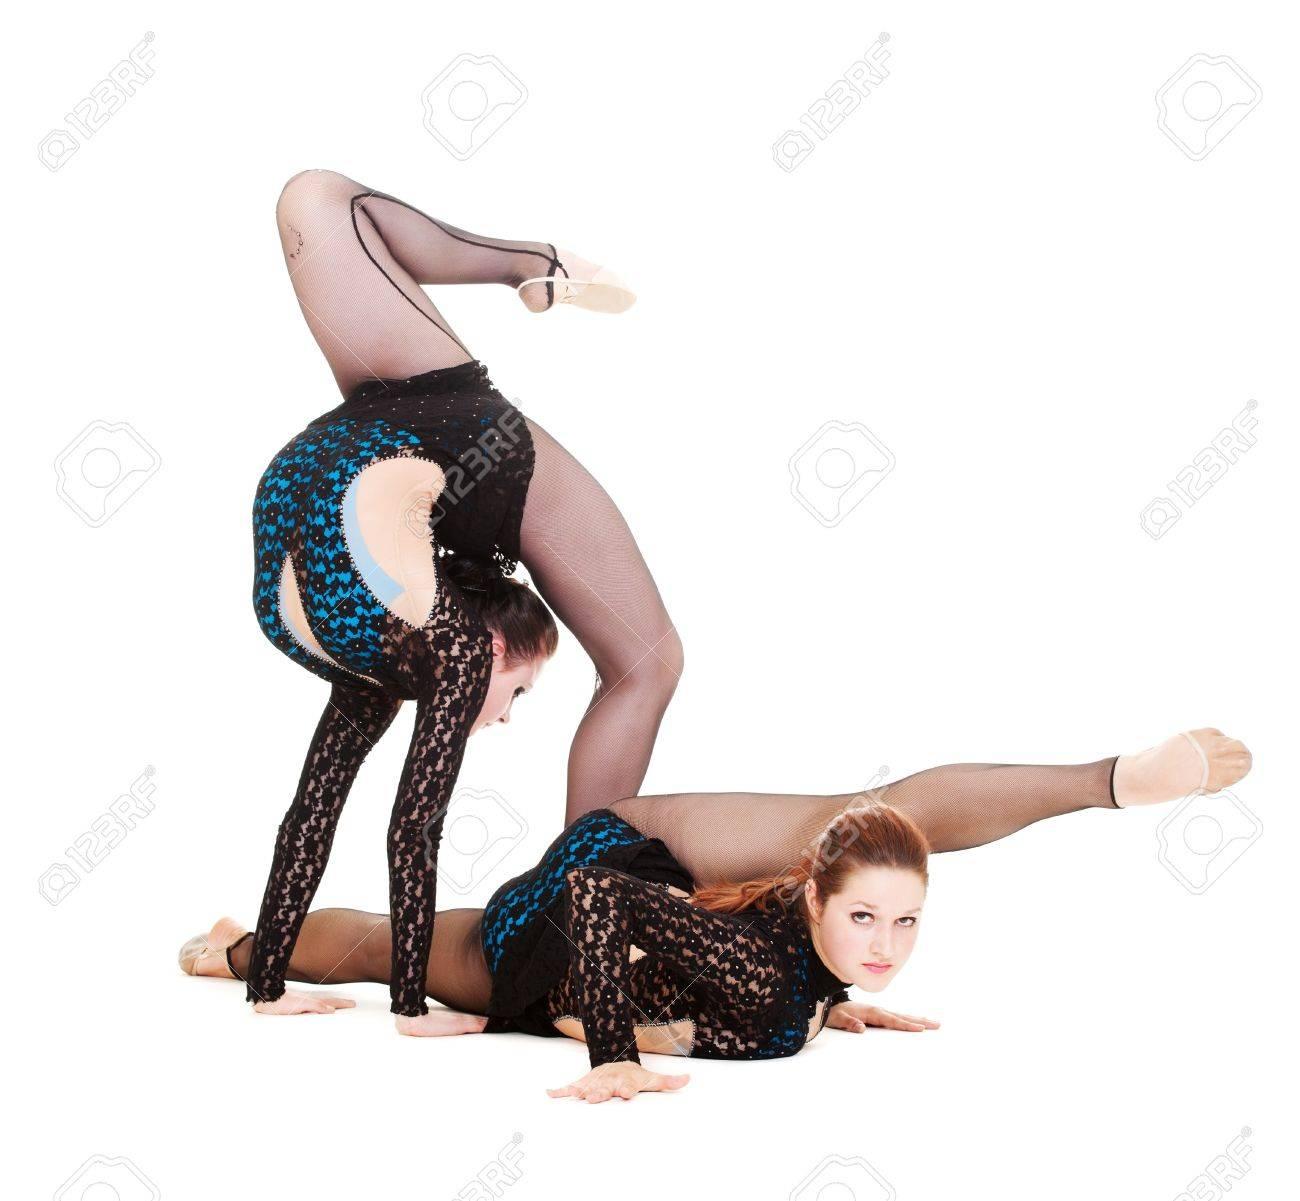 Фото две гимнастки 18 фотография